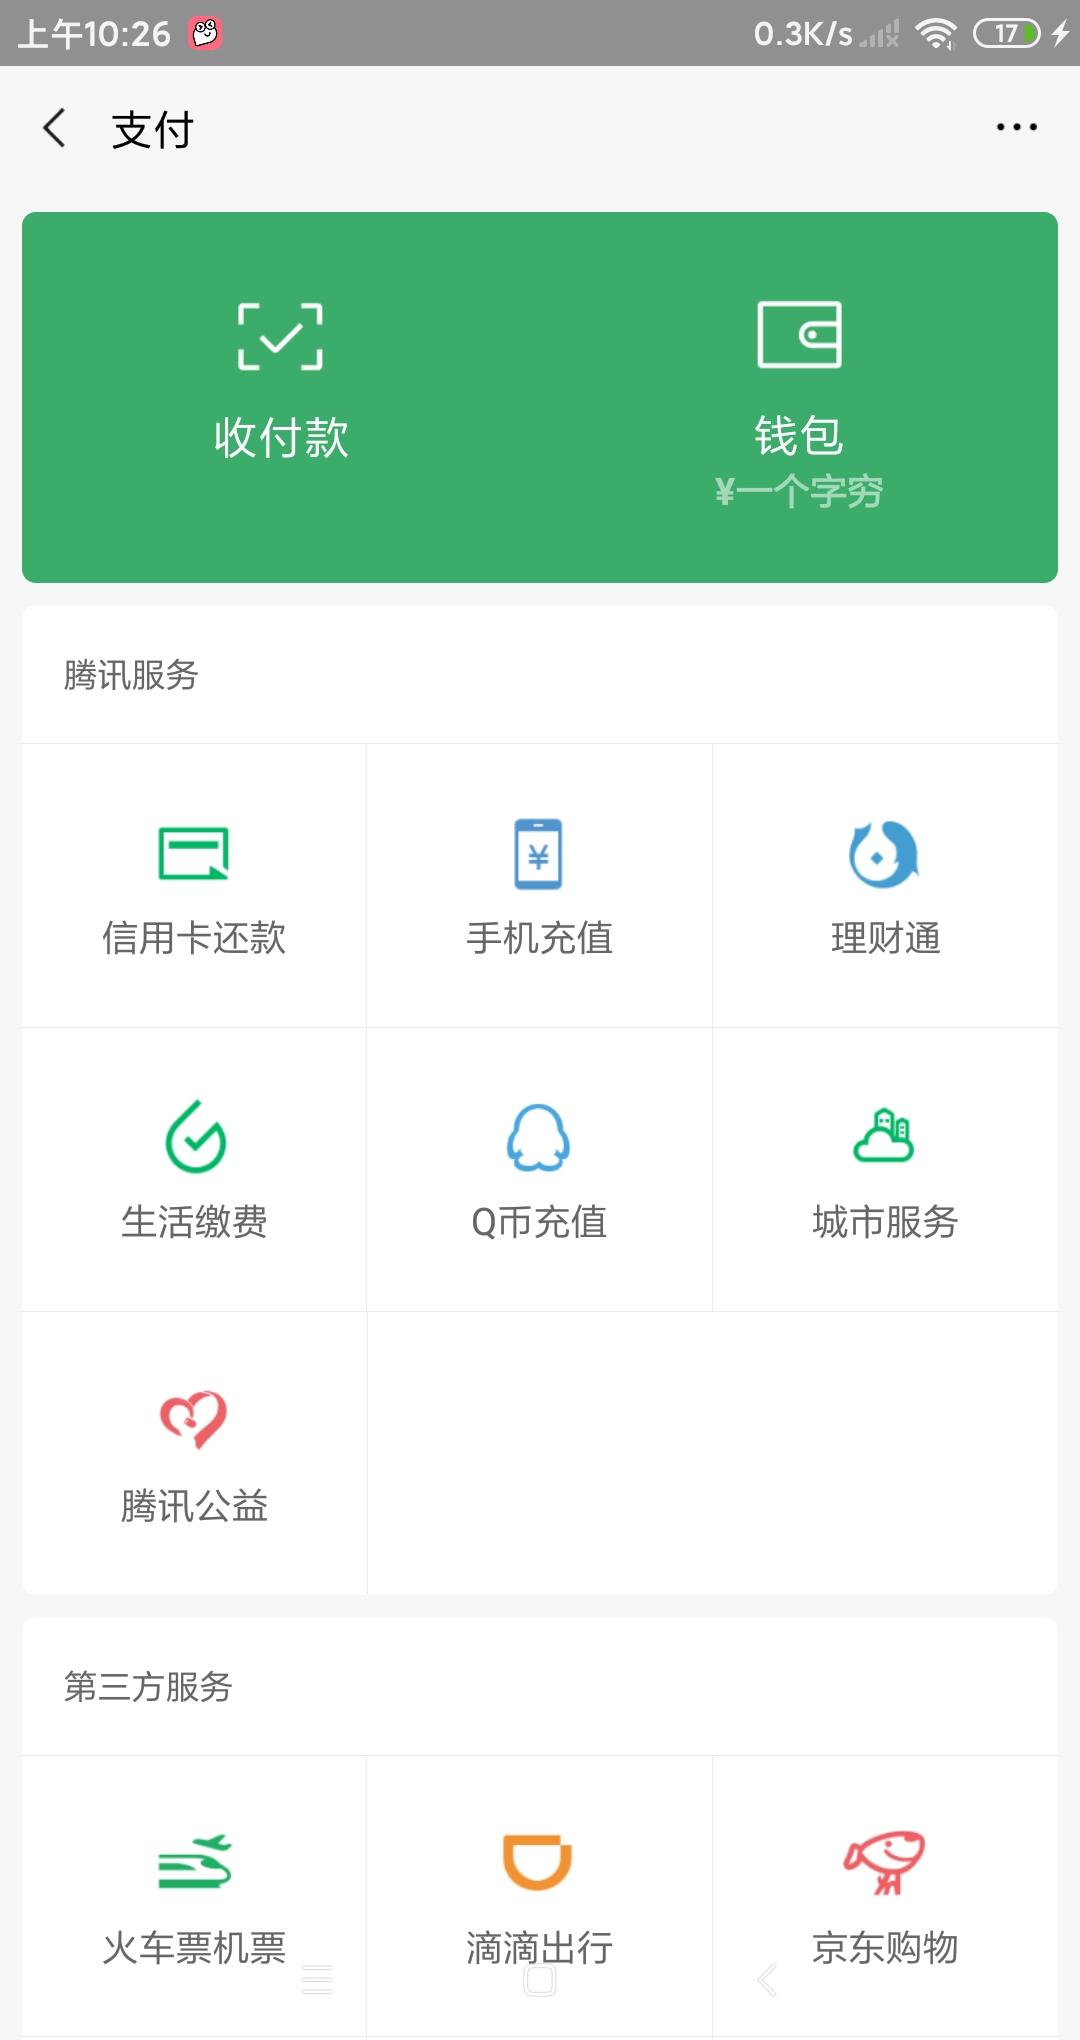 【原创工具】微信余额修改2.0-爱小助